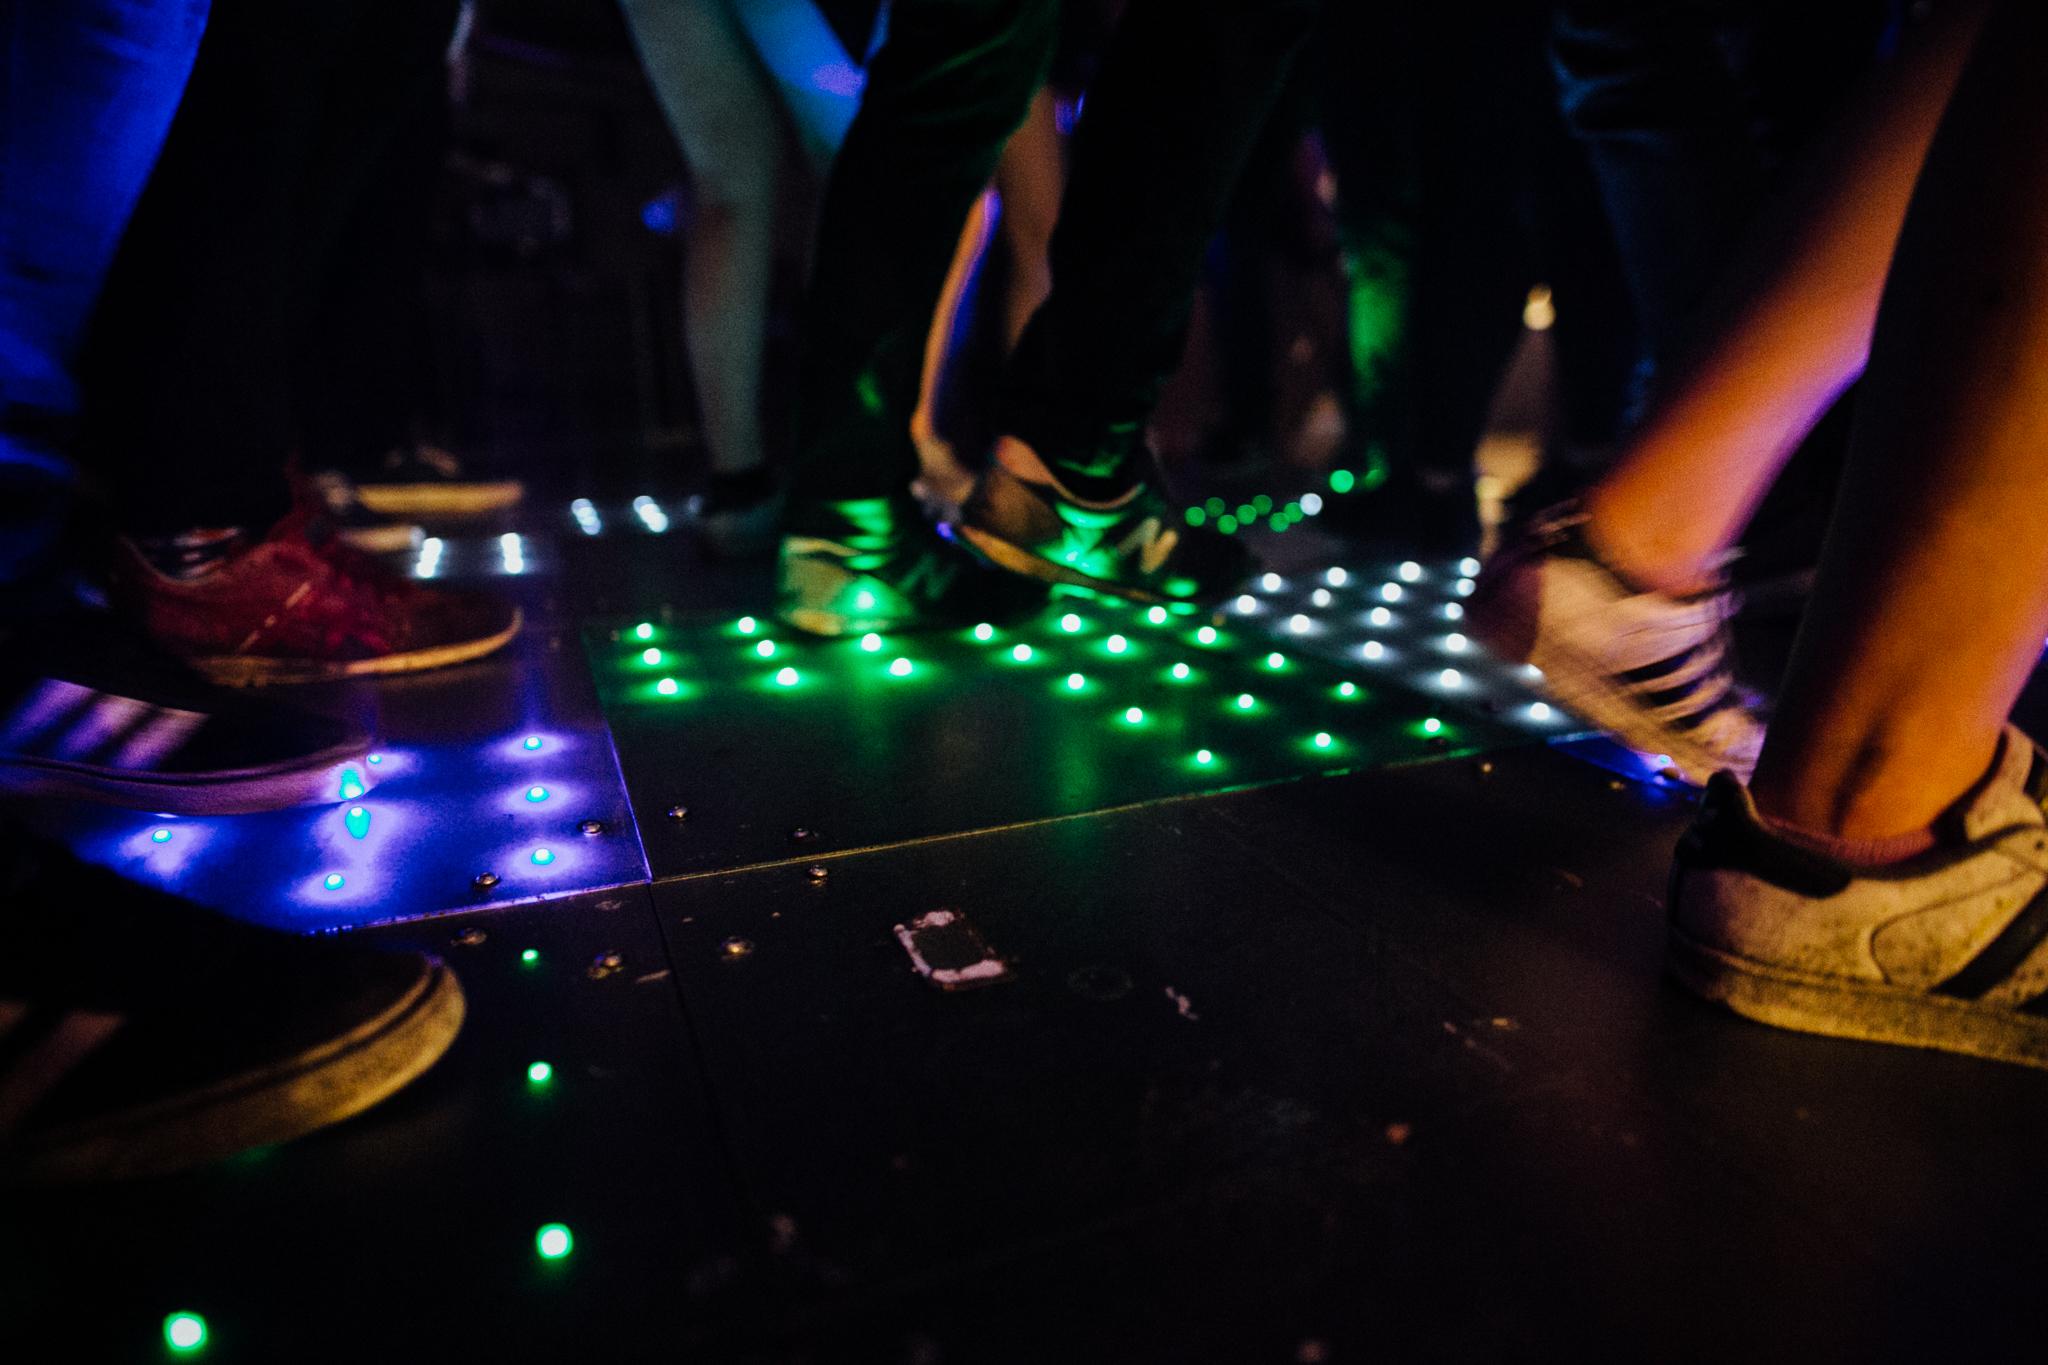 LIGHT UP DANCE-FLOOR